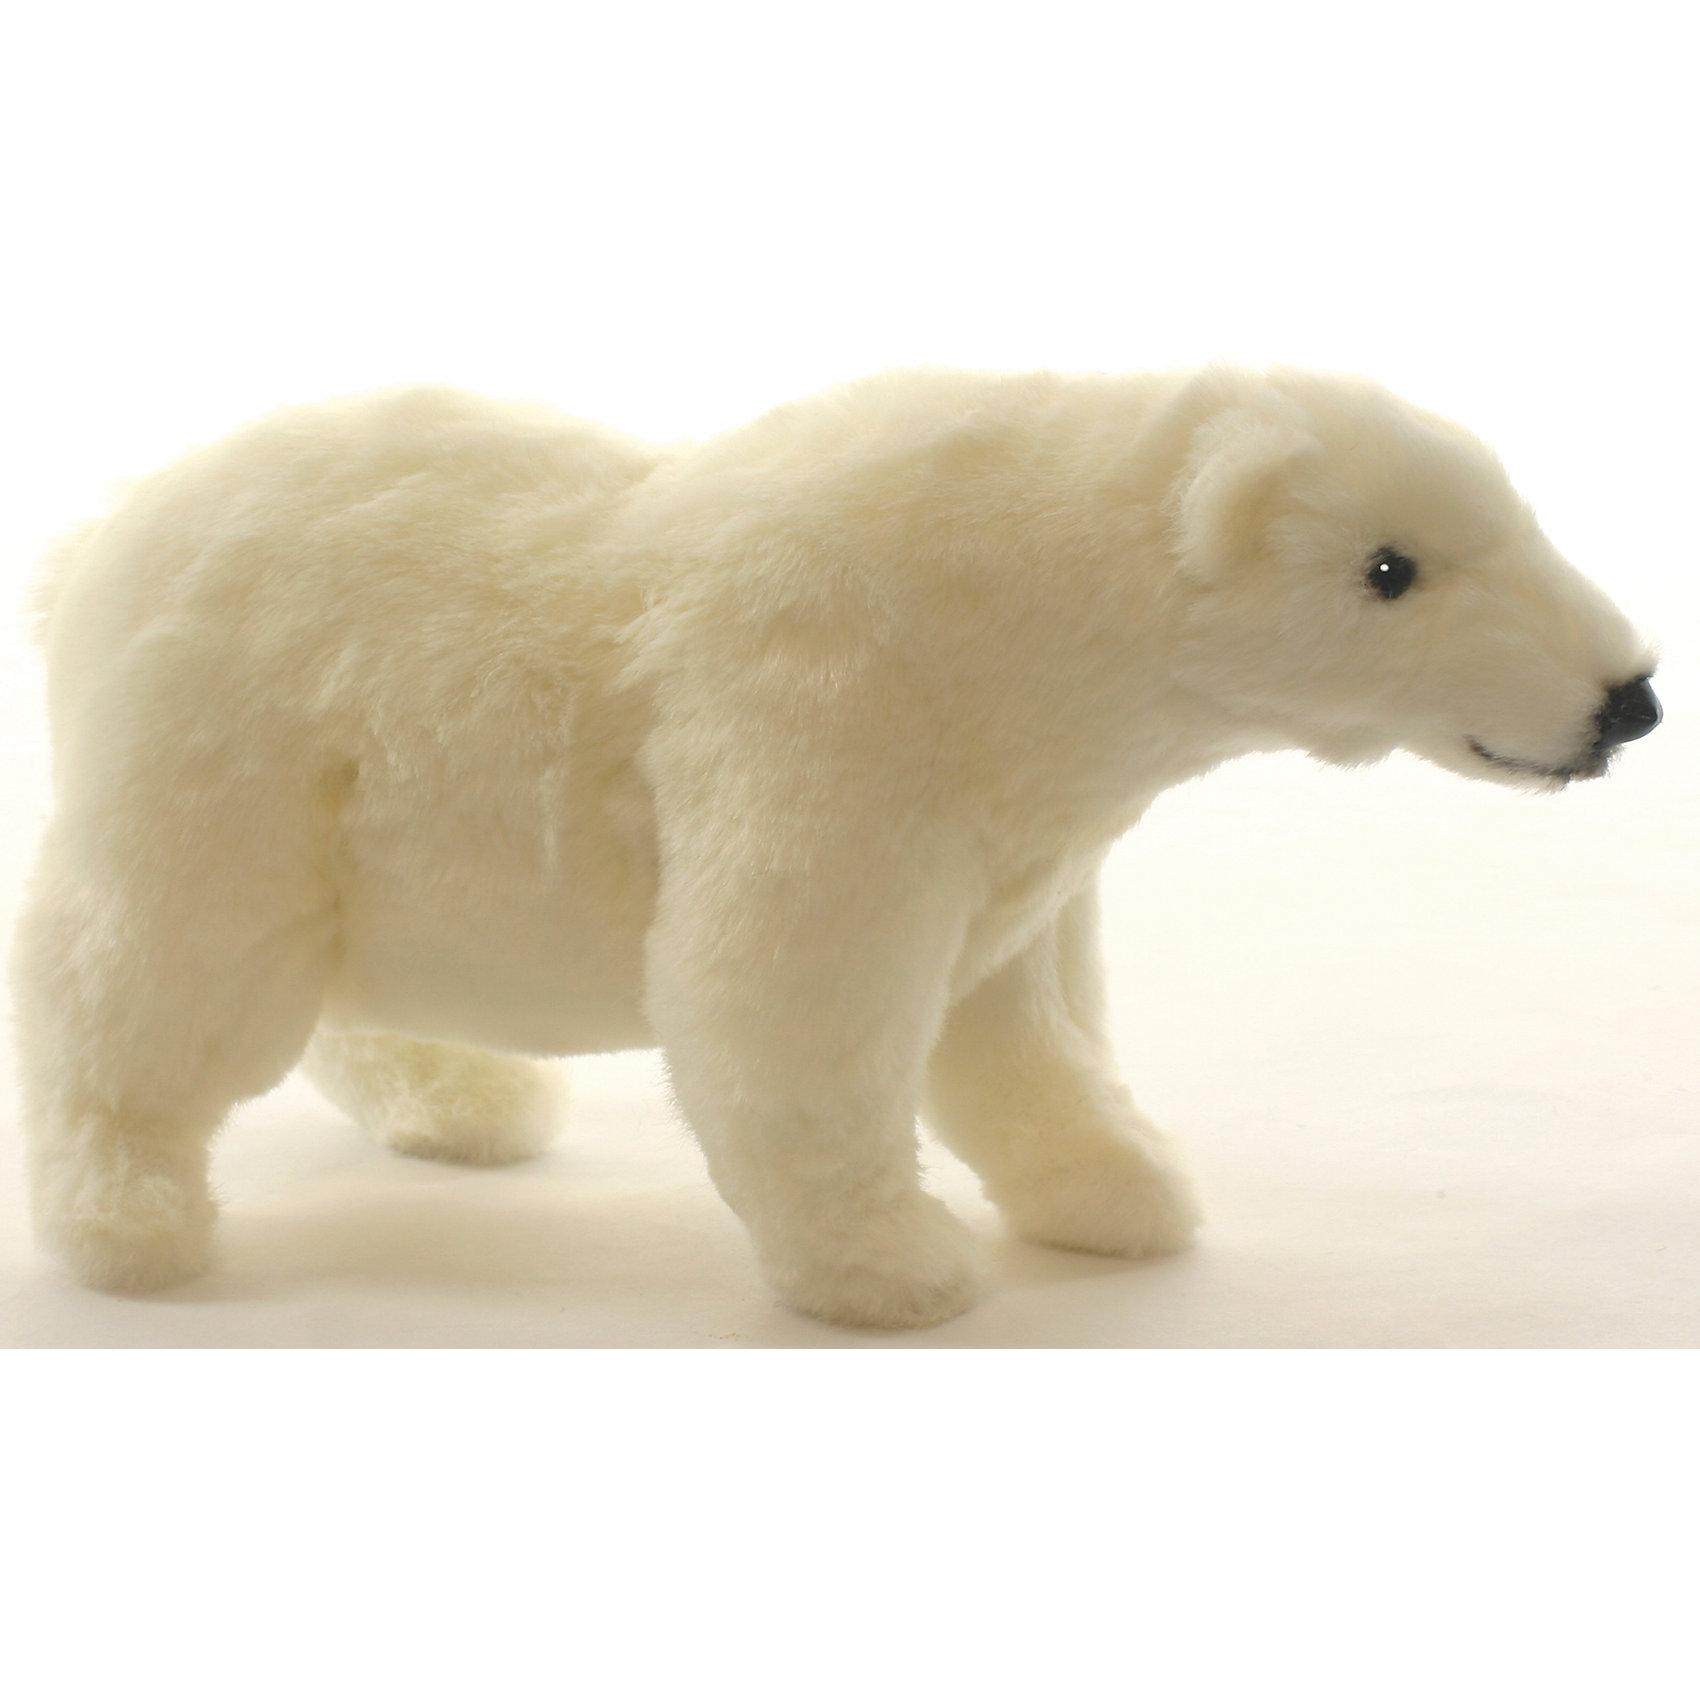 Белый медведь стоящий, 27 смМедвежата<br>Белый медведь стоящий, 27 см – игрушка от знаменитого бренда Hansa, специализирующегося на выпуске мягких игрушек с высокой степенью натуралистичности. Внешний вид игрушечного медведя полностью соответствует реальному прототипу – полярному медведю. Он выполнен из искусственного меха белого цвета с коротким ворсом. Использованные материалы обладают гипоаллергенными свойствами. Внутри игрушки имеется металлический каркас, позволяющий изменять положение. <br>Игрушка относится к серии Дикие животные. <br>Мягкие игрушки от Hansa подходят для сюжетно-ролевых игр, для обучающих игр, направленных на знакомство с животным миром дикой природы. Кроме того, их можно использовать в качестве интерьерных игрушек. Коллекция из нескольких игрушек позволяет создать свой домашний зоопарк, который будет радовать вашего ребенка долгое время, так как ручная работа и качественные материалы гарантируют их долговечность и прочность.<br><br>Дополнительная информация:<br><br>- Вид игр: сюжетно-ролевые игры, коллекционирование, интерьерные игрушки<br>- Предназначение: для дома, для детских развивающих центров, для детских садов<br>- Материал: искусственный мех, наполнитель ? полиэфирное волокно<br>- Размер (ДхШхВ): 27*14*10 см<br>- Вес: 510 г<br>- Особенности ухода: сухая чистка при помощи пылесоса или щетки для одежды<br><br>Подробнее:<br><br>• Для детей в возрасте: от 3 лет <br>• Страна производитель: Филиппины<br>• Торговый бренд: Hansa<br><br>Белого медведя стоящего, 27 см можно купить в нашем интернет-магазине.<br><br>Ширина мм: 27<br>Глубина мм: 14<br>Высота мм: 10<br>Вес г: 510<br>Возраст от месяцев: 36<br>Возраст до месяцев: 2147483647<br>Пол: Унисекс<br>Возраст: Детский<br>SKU: 4927196